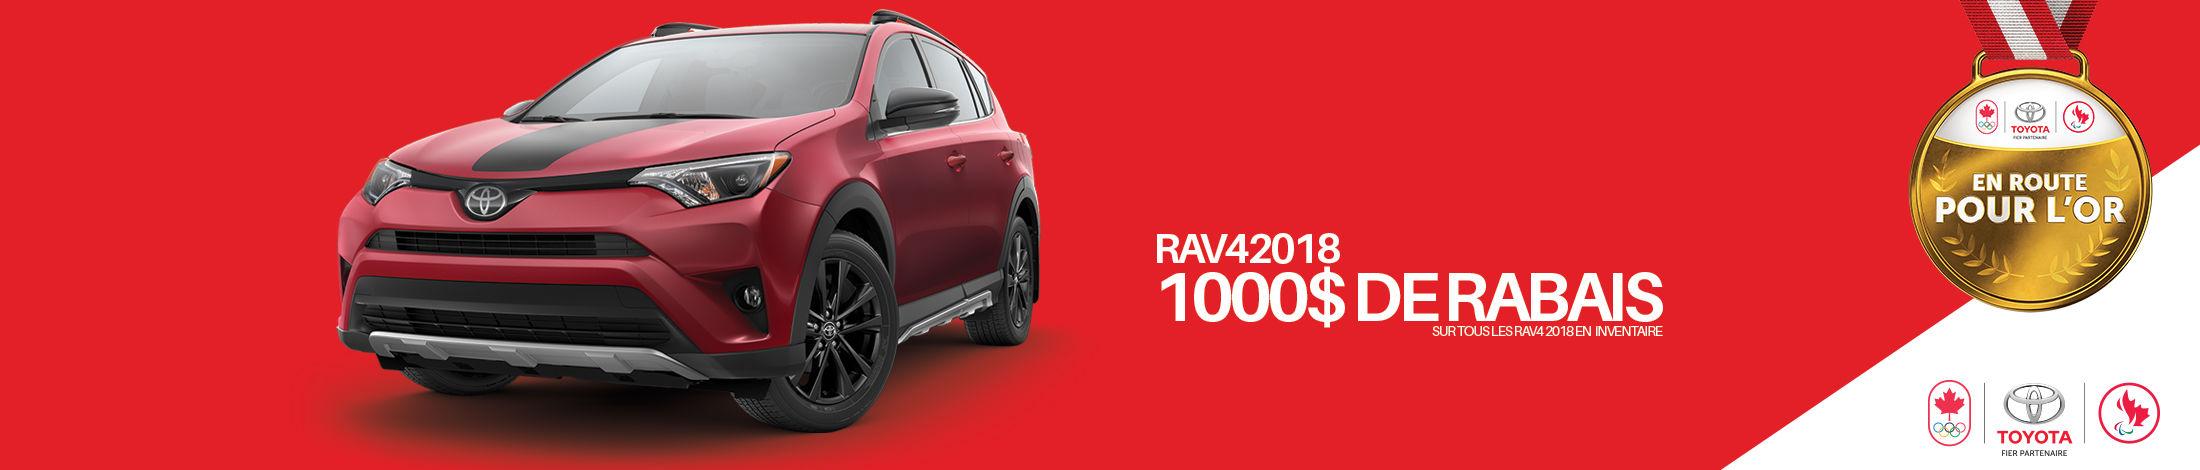 Header - RAV4 2018